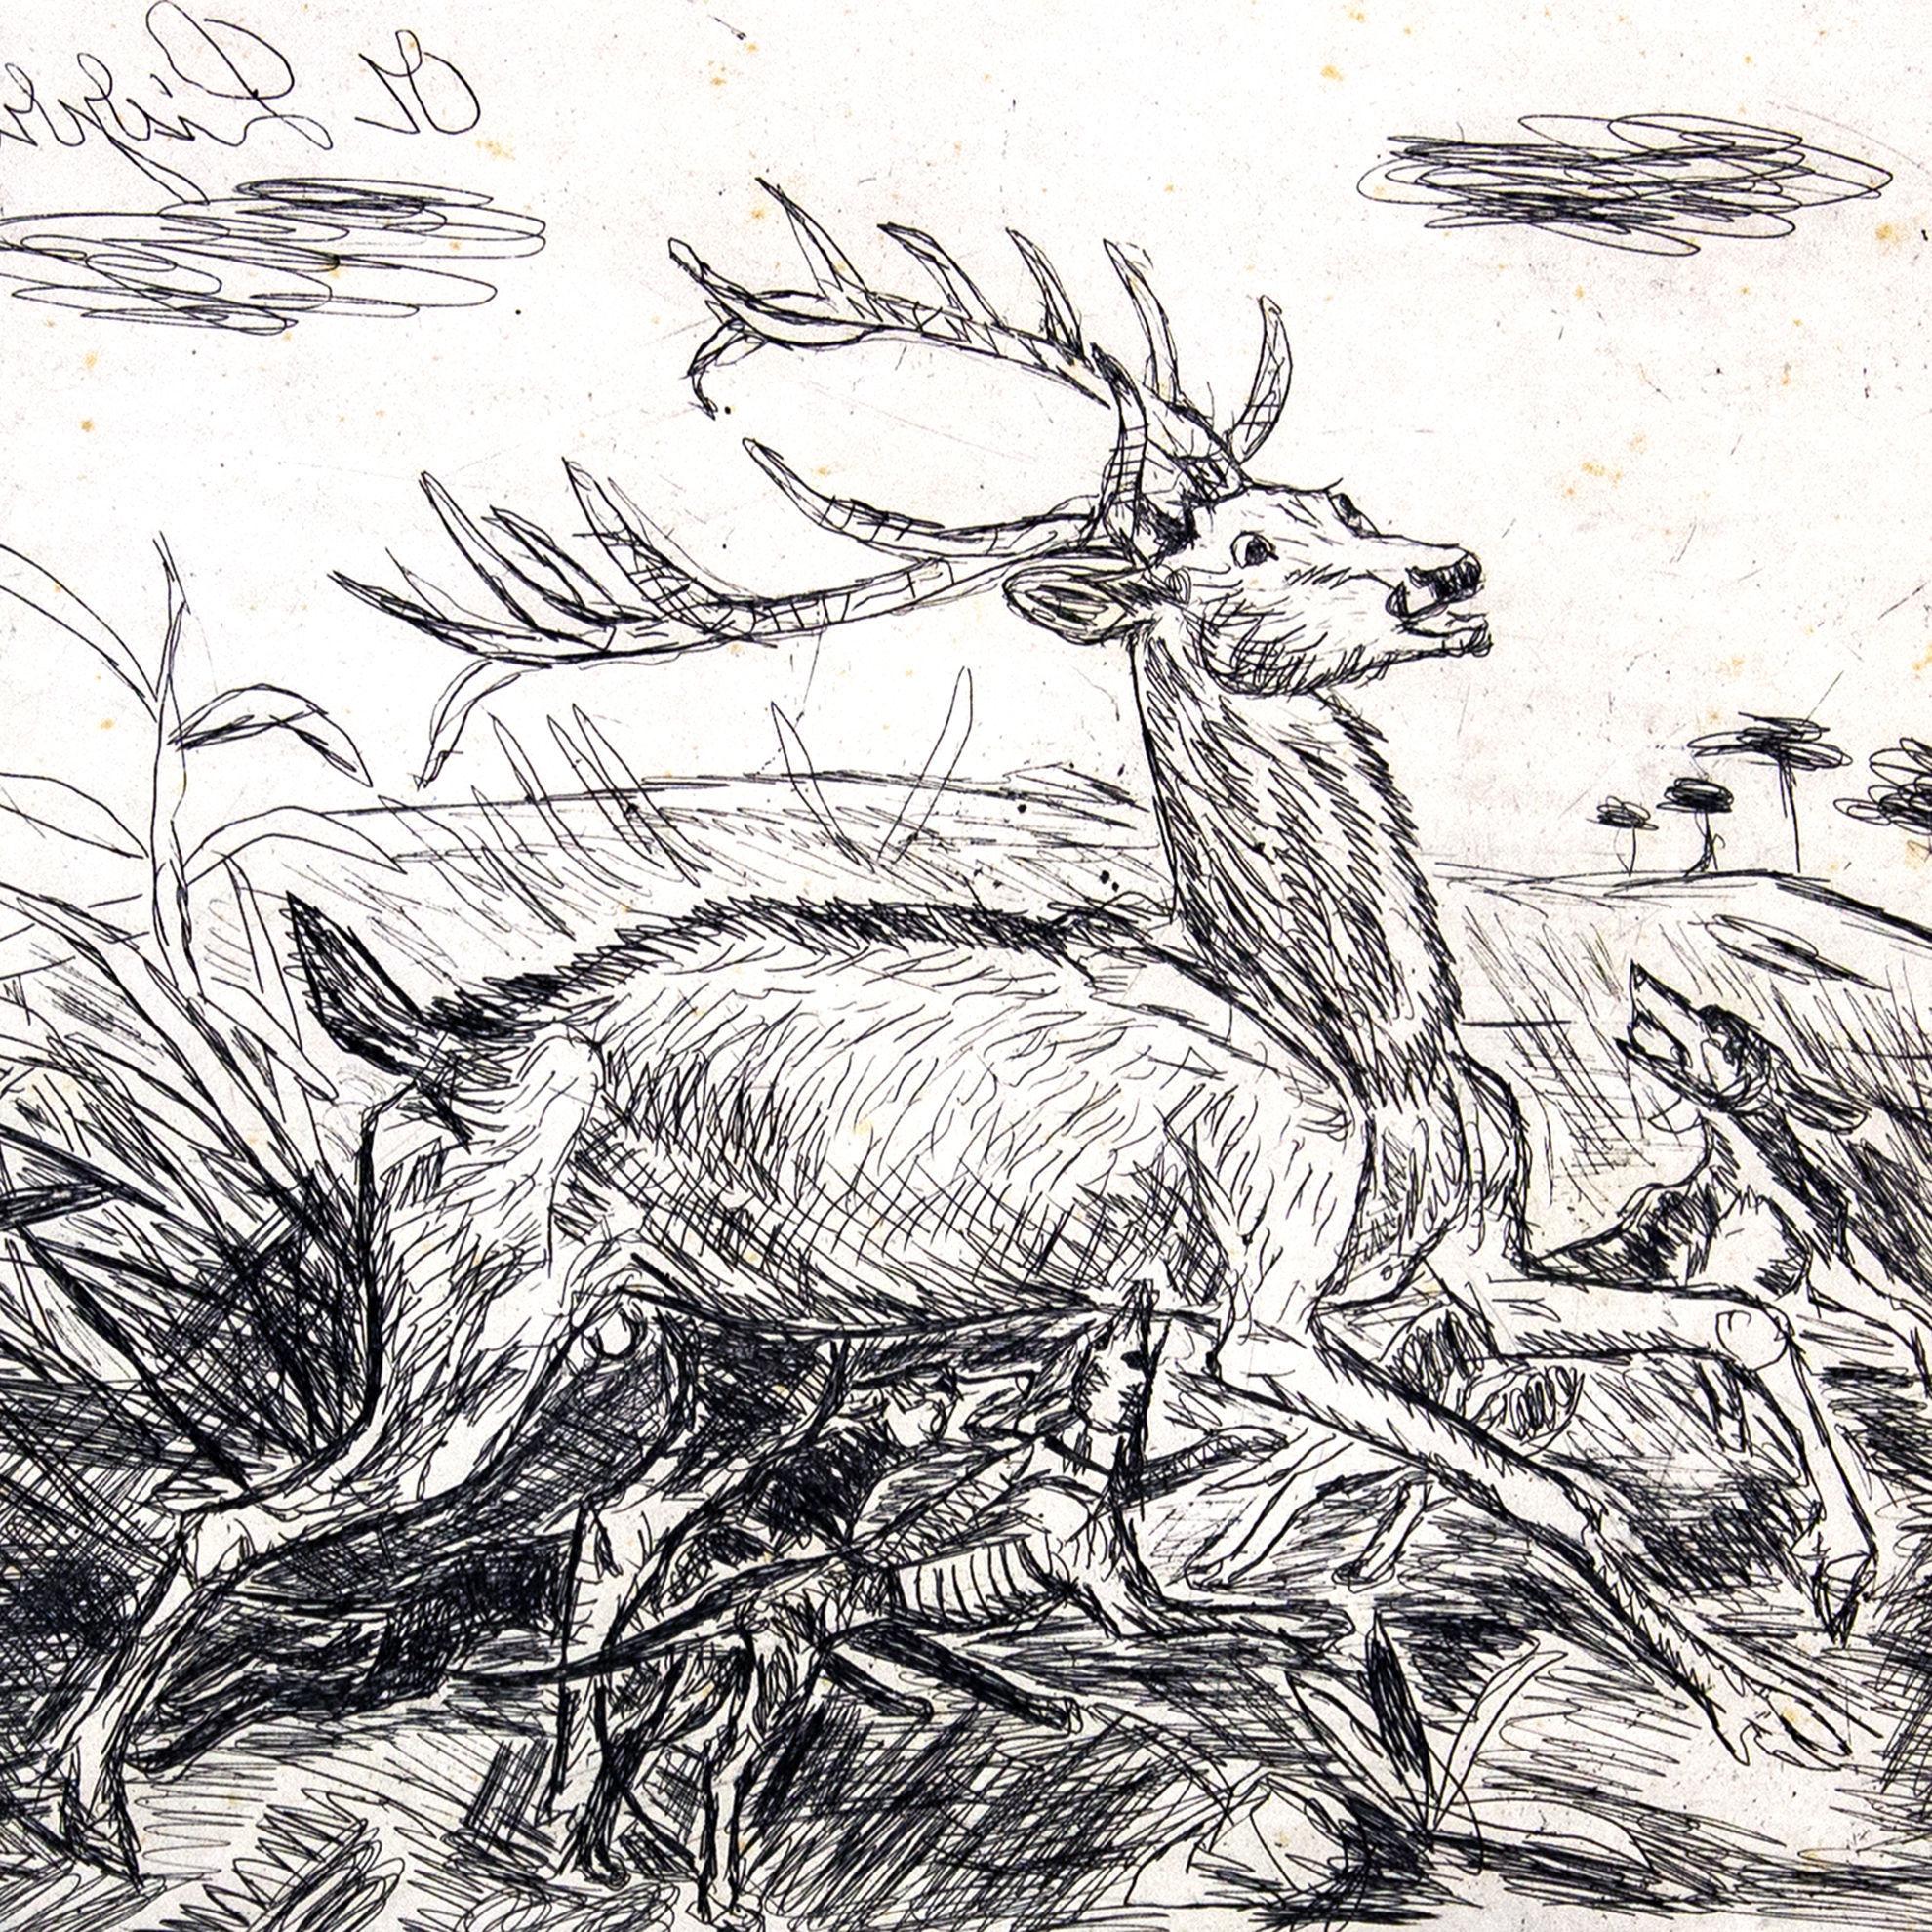 Immagine di Cervo assalito dai cani